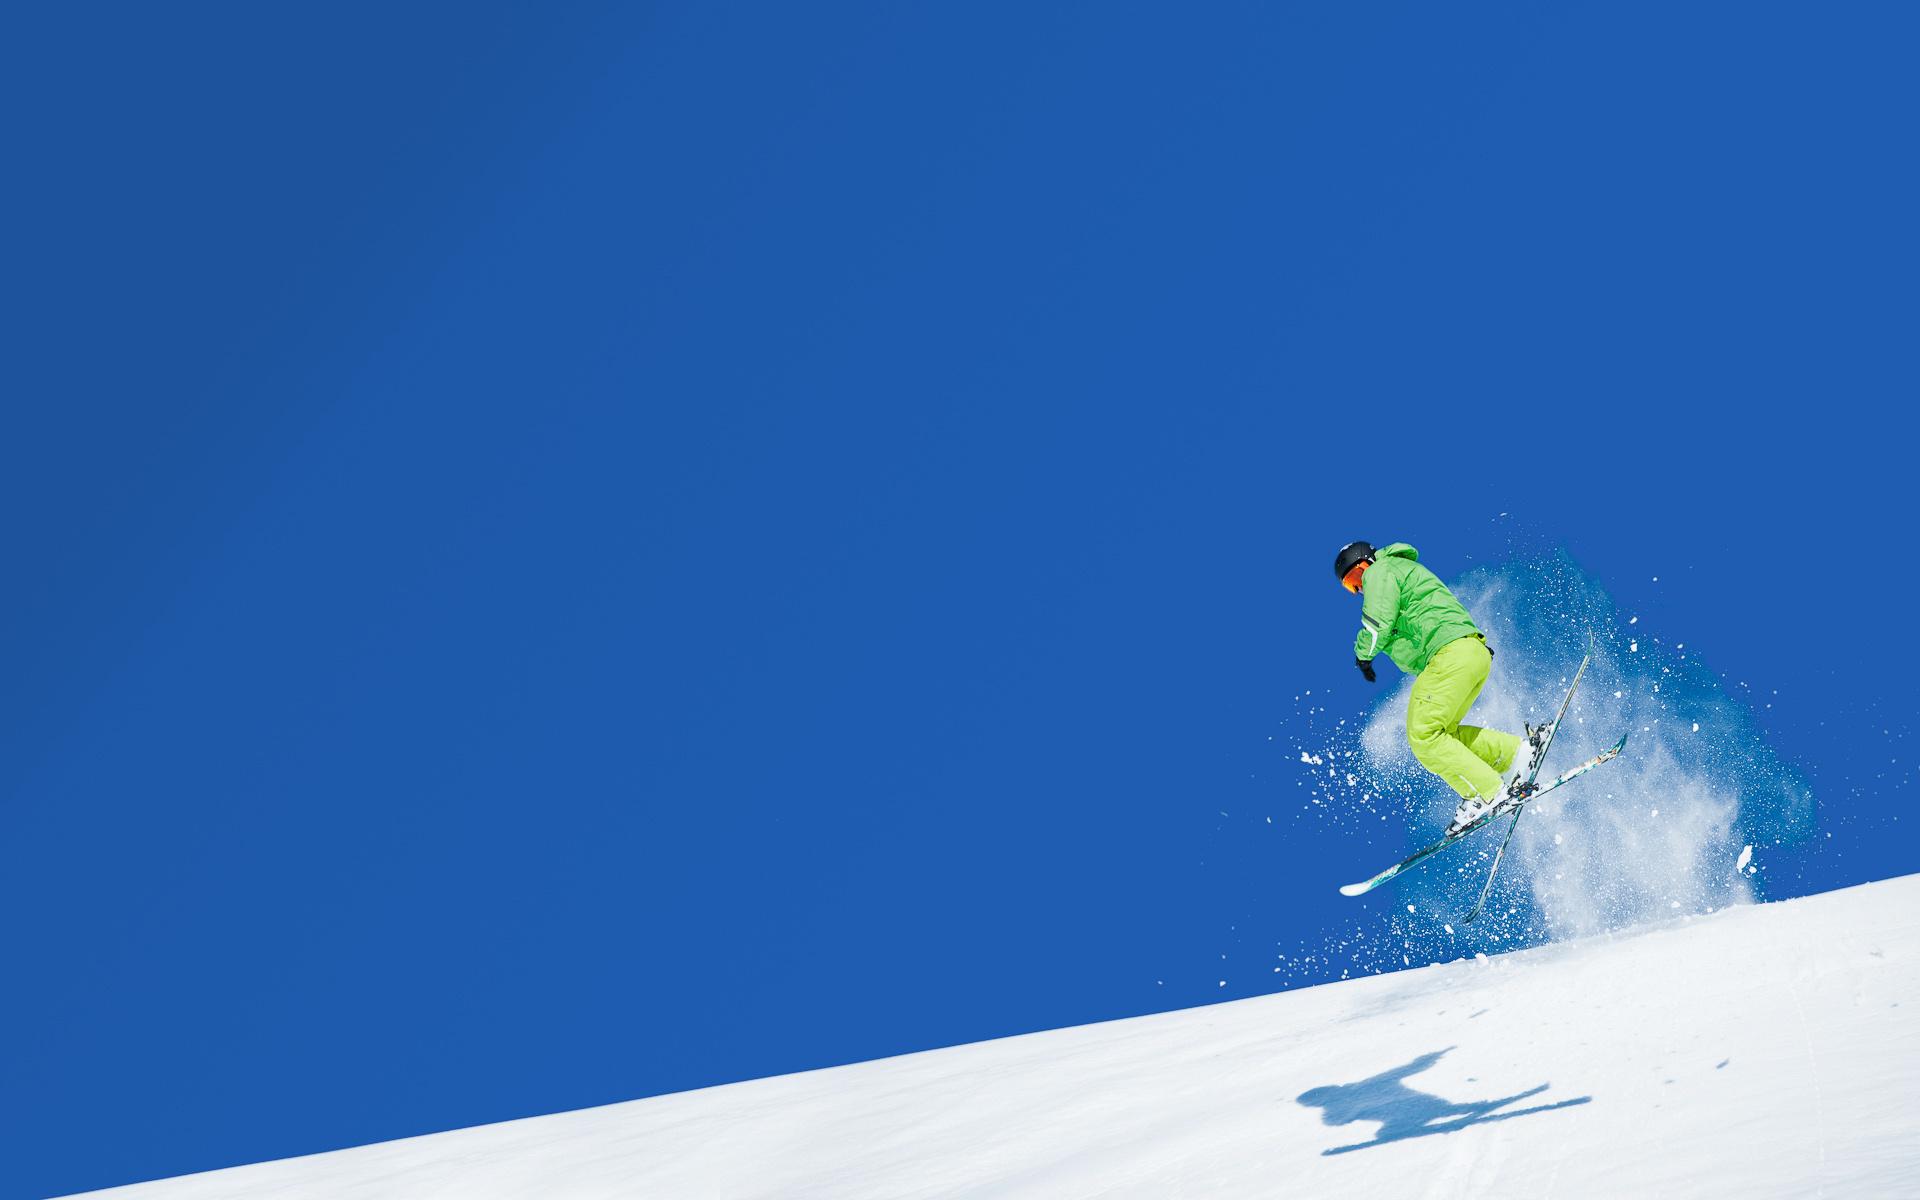 Лыжный спорт лыжник спускается со